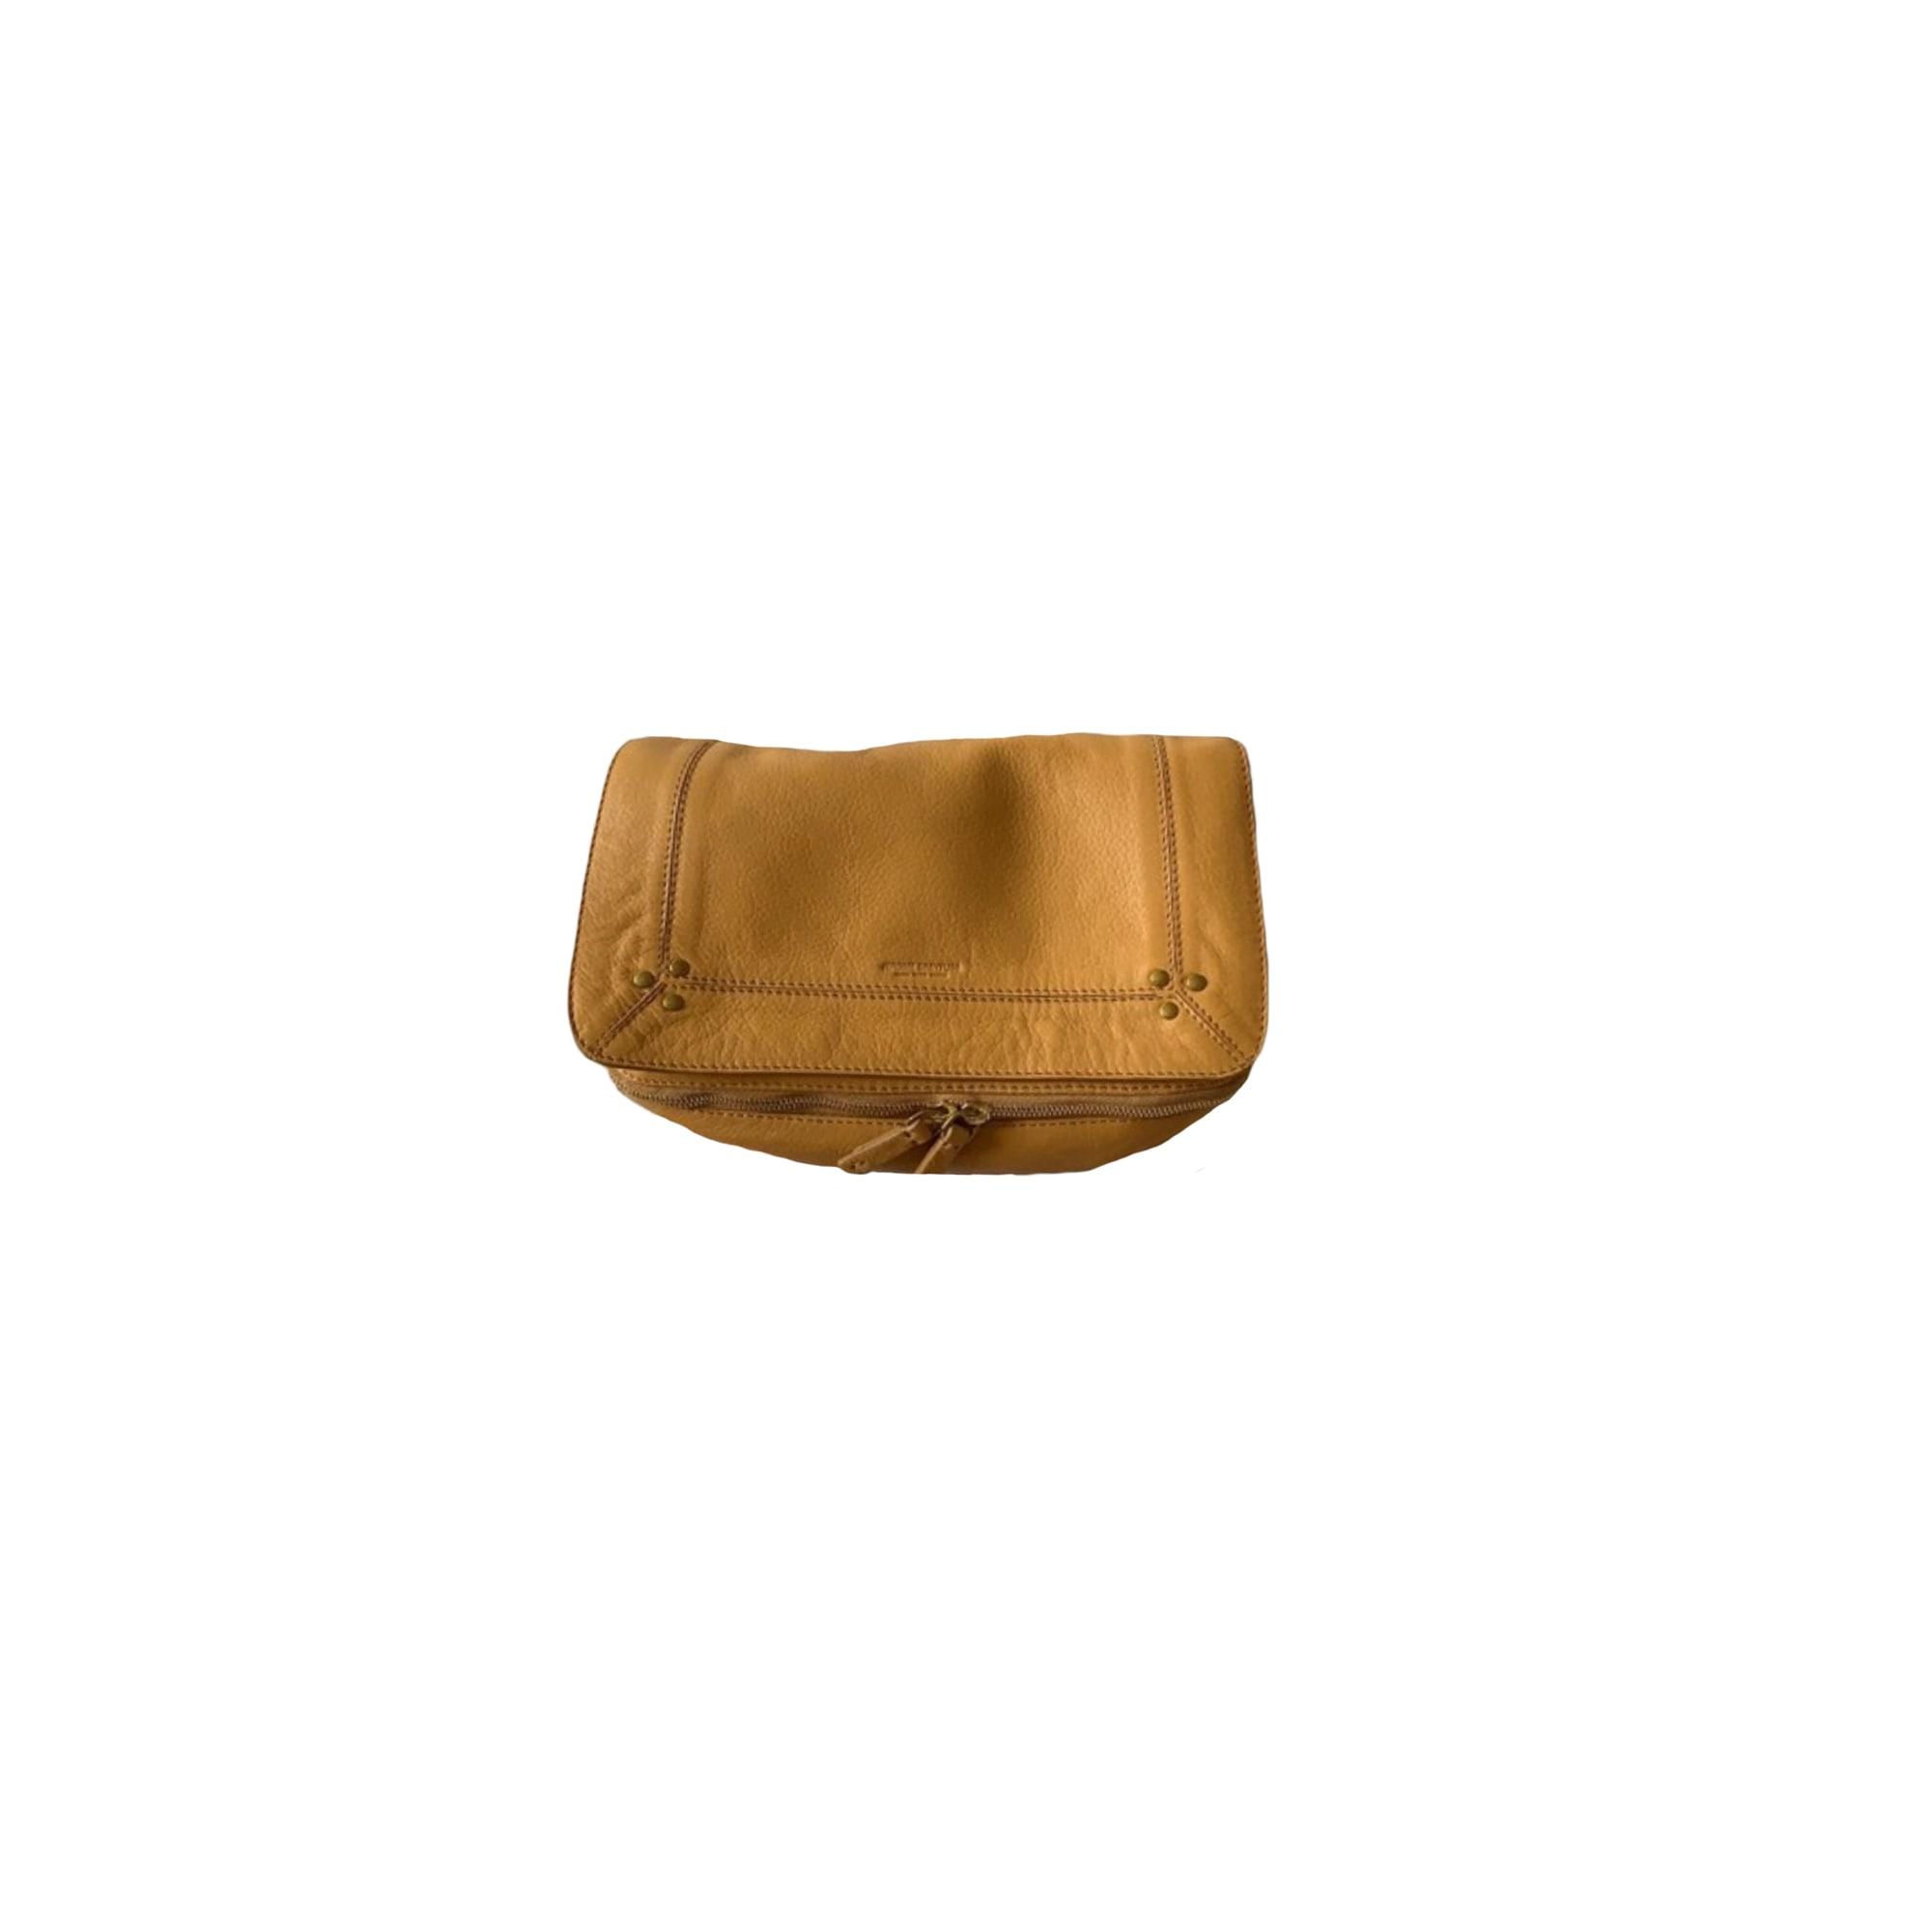 Leather Shoulder Bag JEROME DREYFUSS Silver